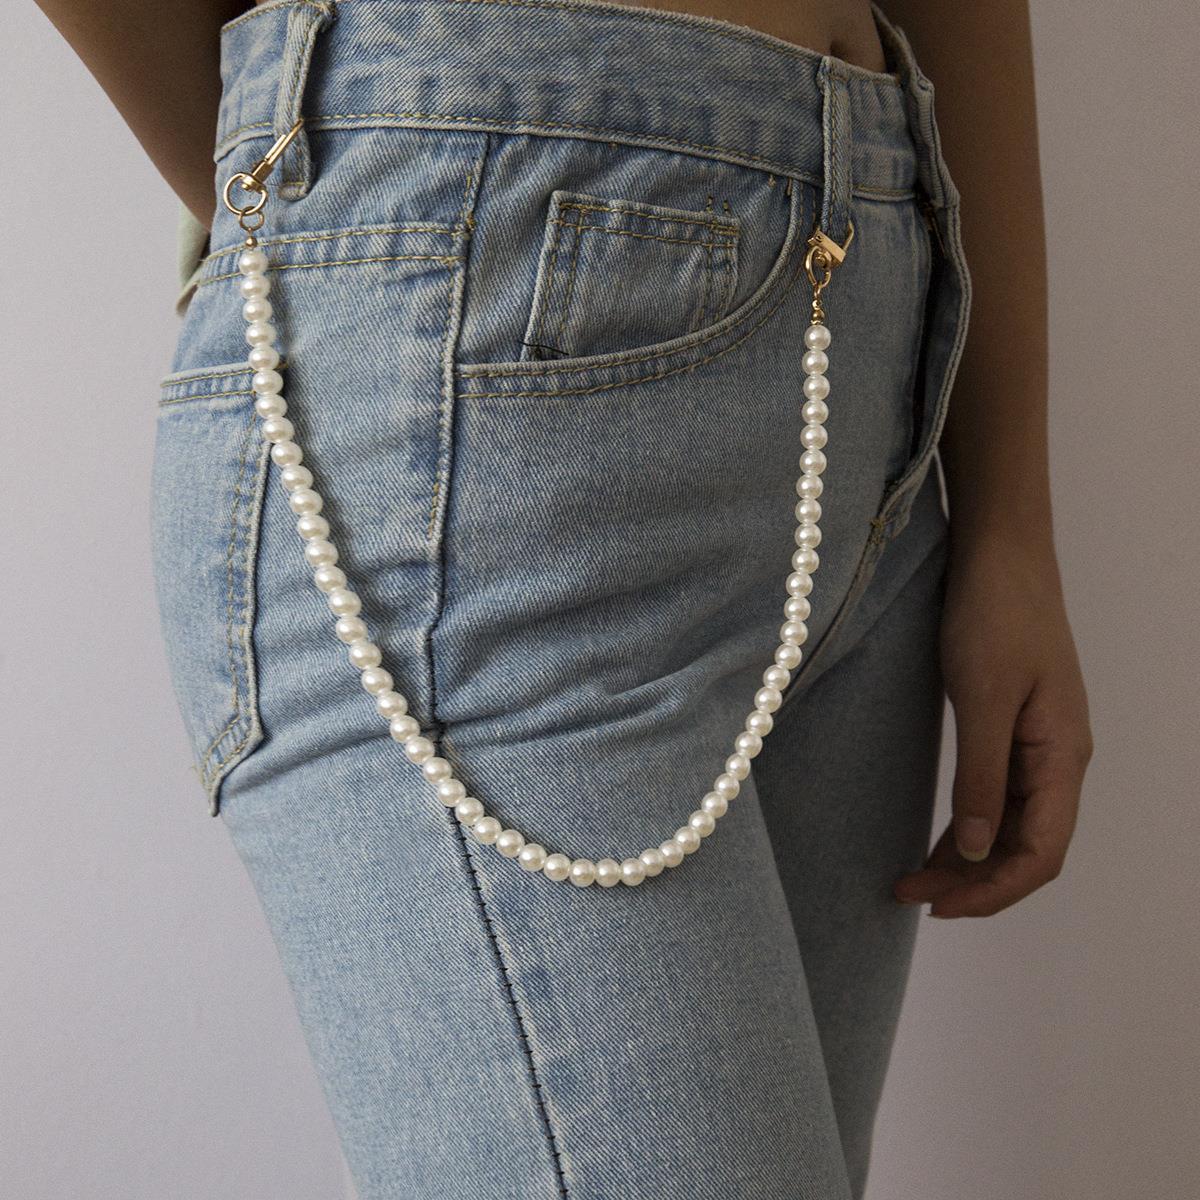 欧美跨境饰品 个性几何手工圆珠身体链女 复古时尚百搭仿珍珠腰链